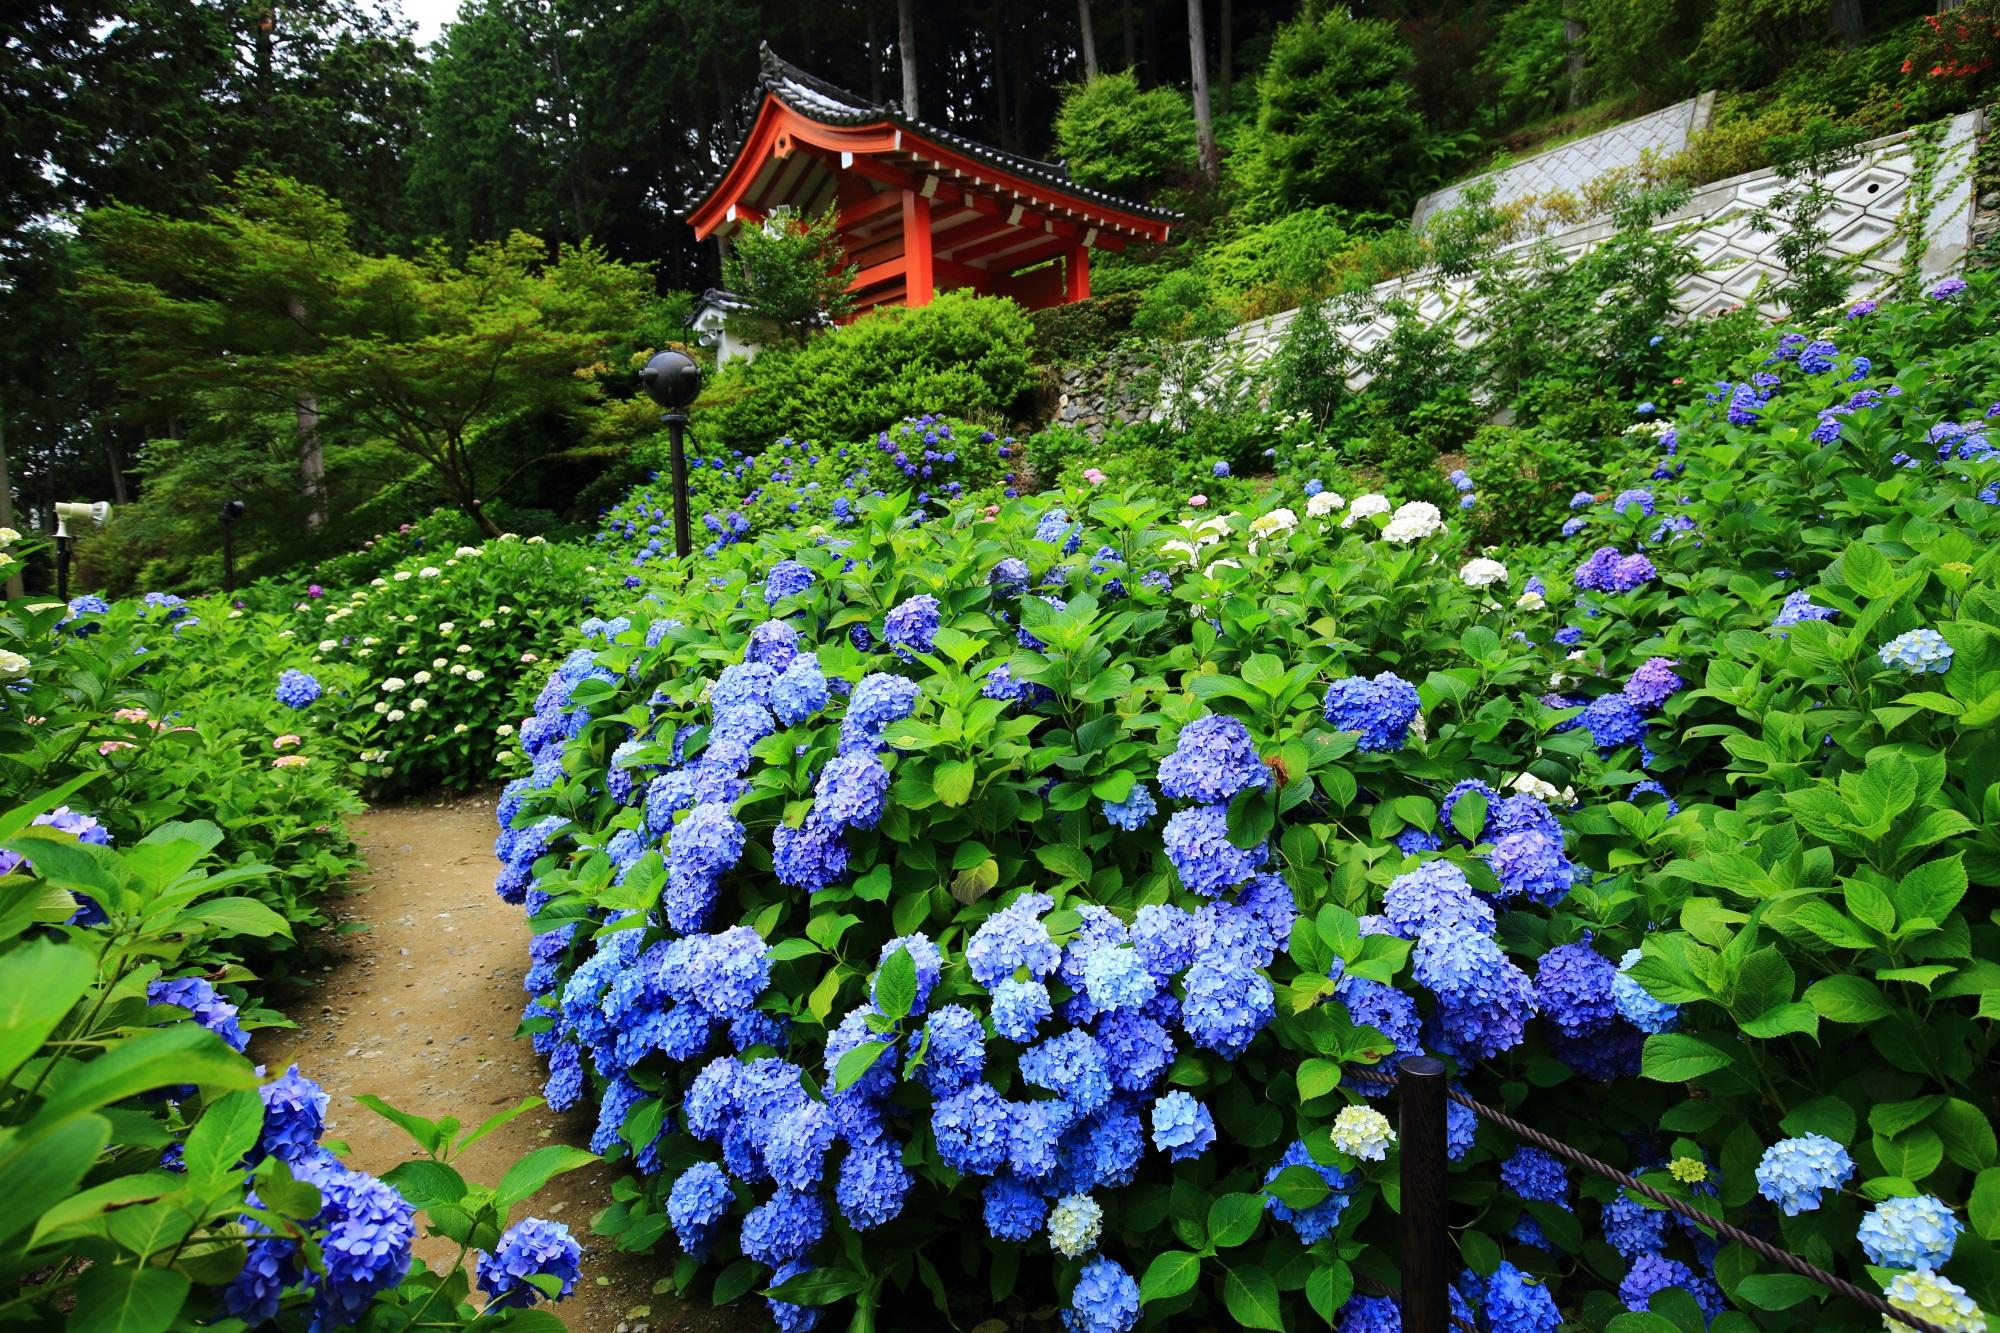 三室戸寺の山門を背景にした絵になる見事な紫陽花の風景